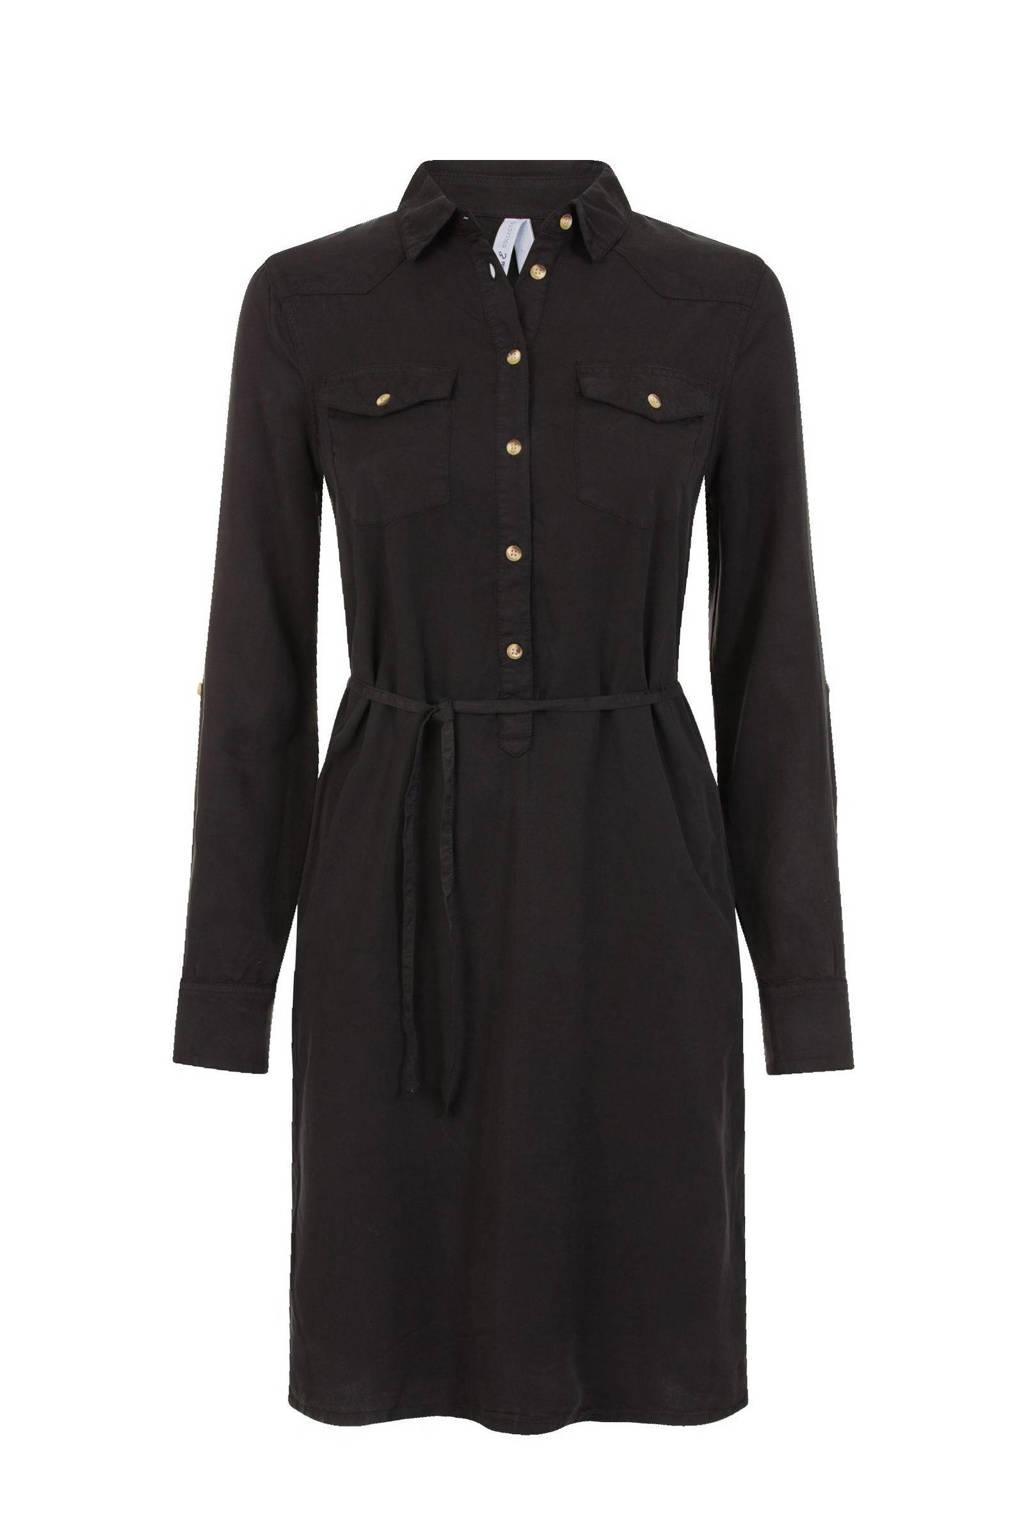 Miss Etam Regulier jurk zwart, Zwart